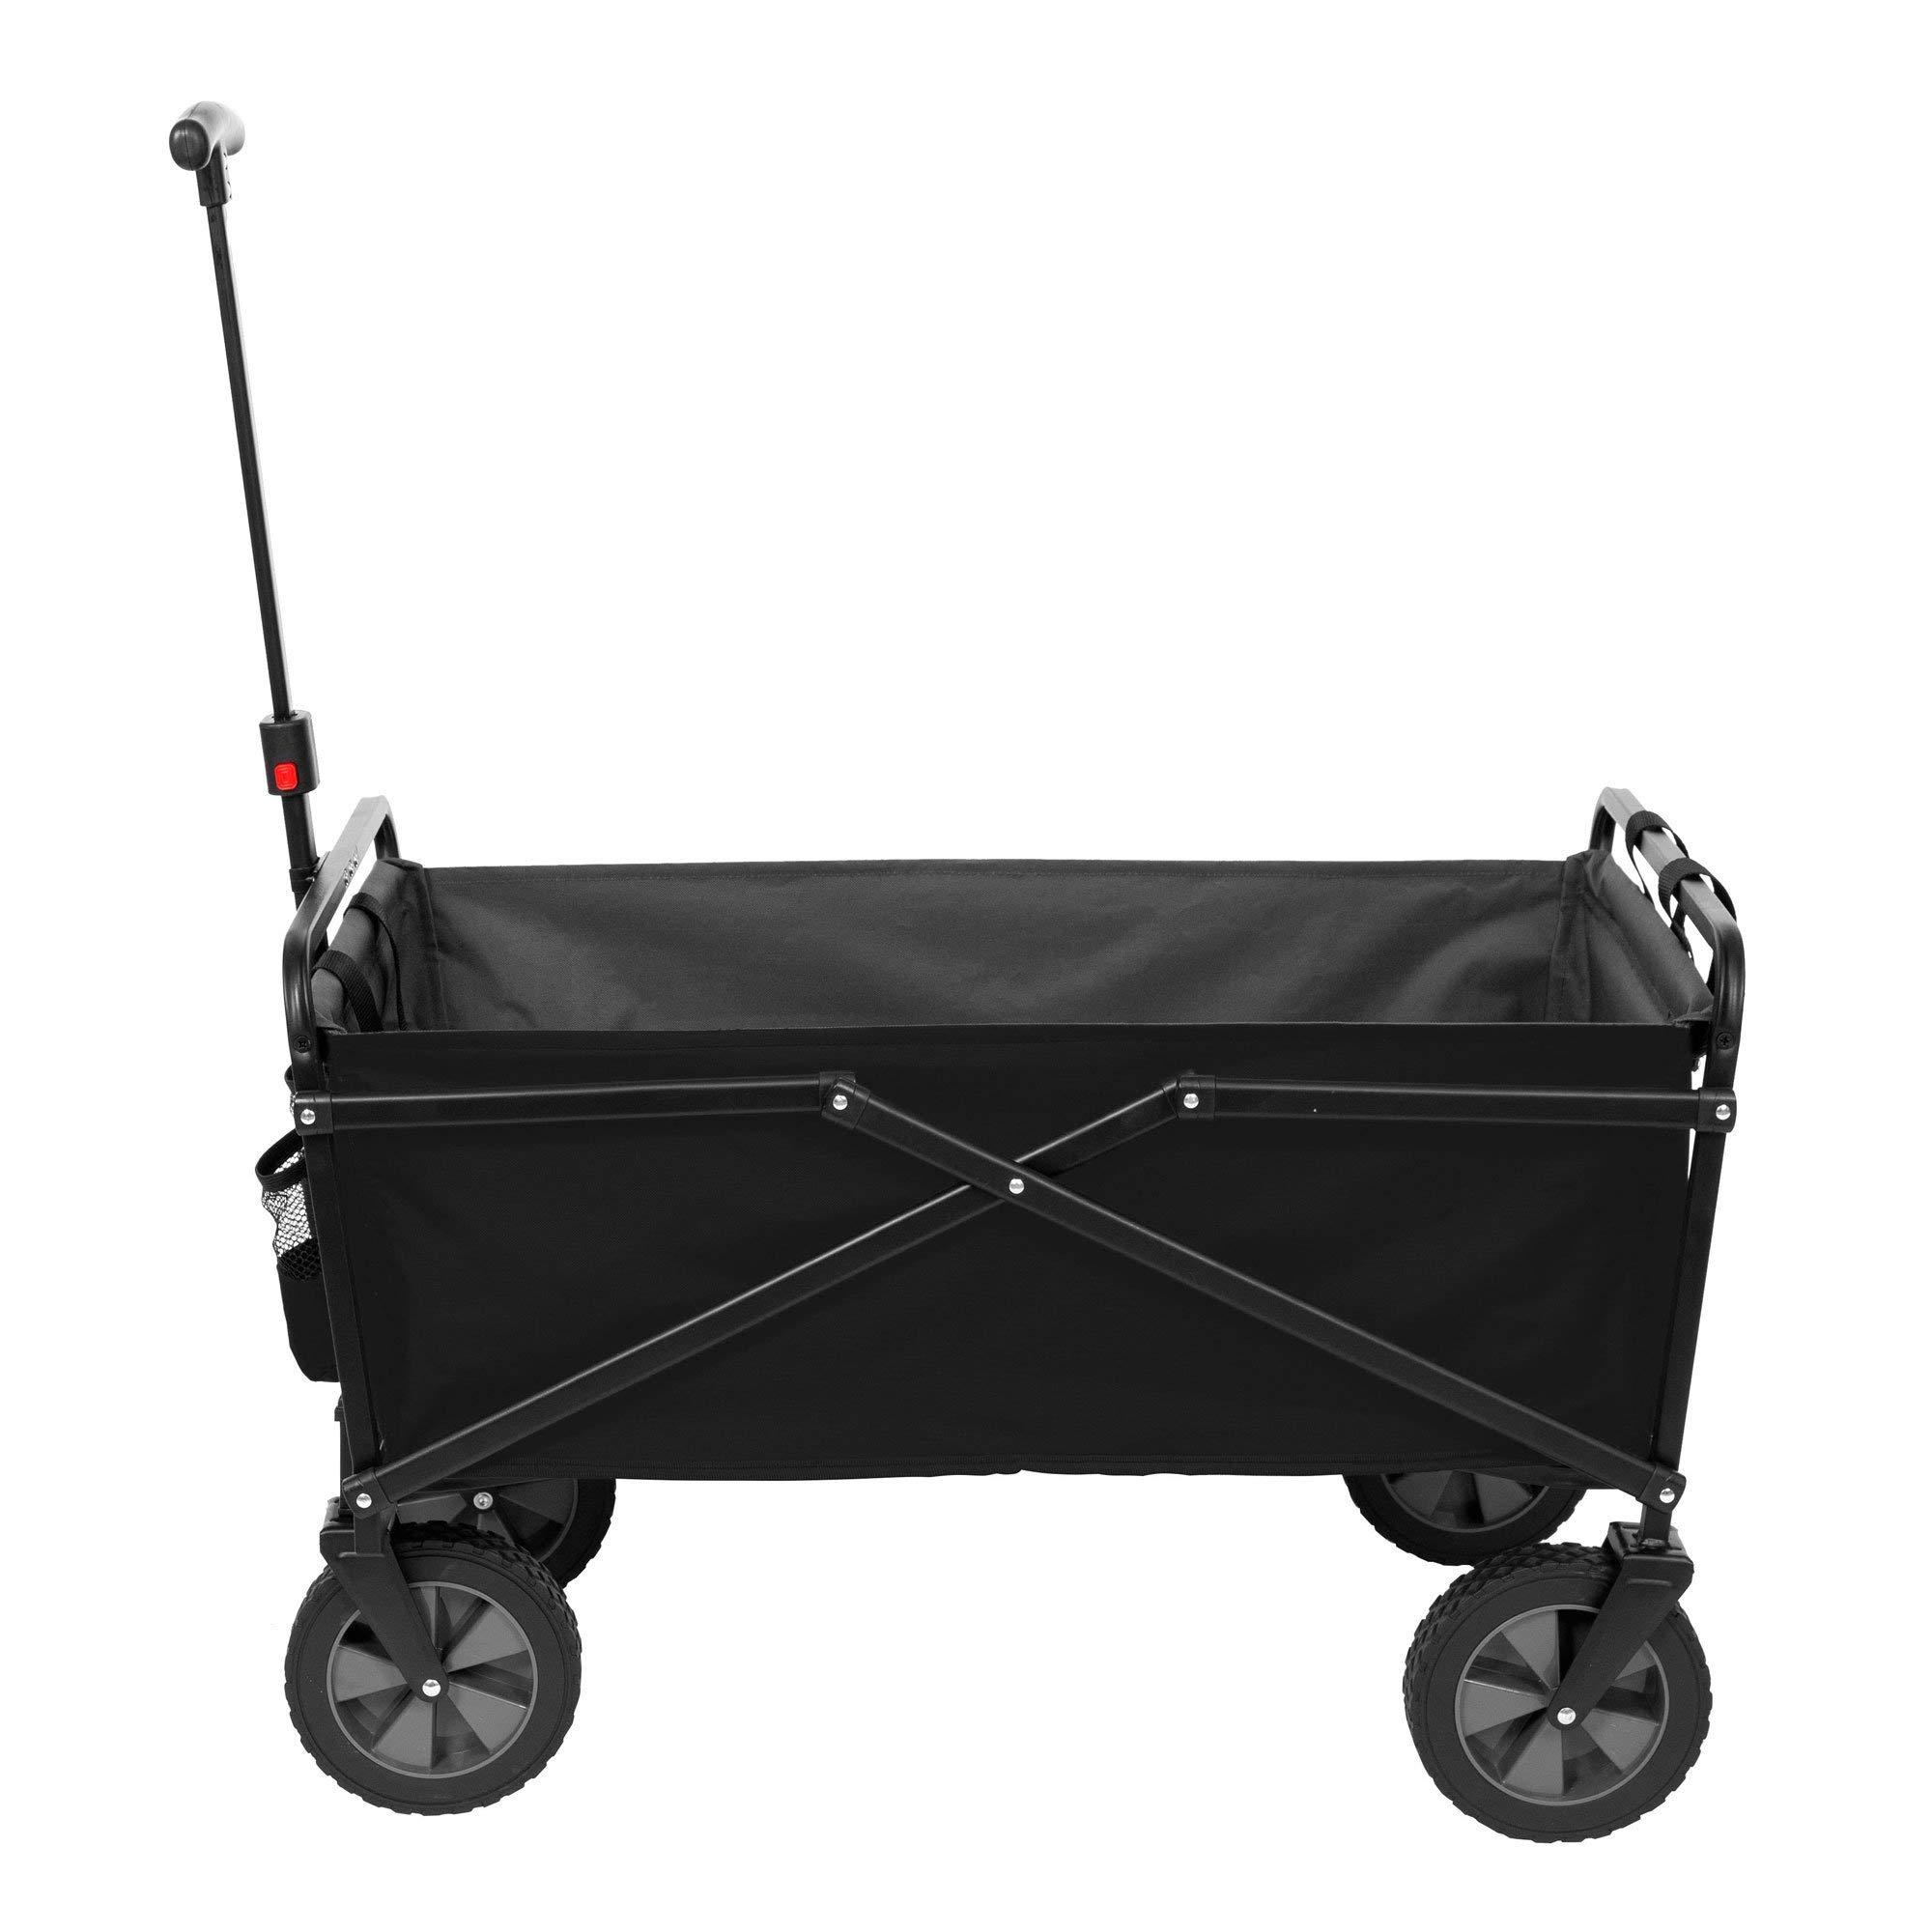 Seina Heavy Duty Compact Folding 225 Pound Capacity Outdoor Cart, Black/Gray